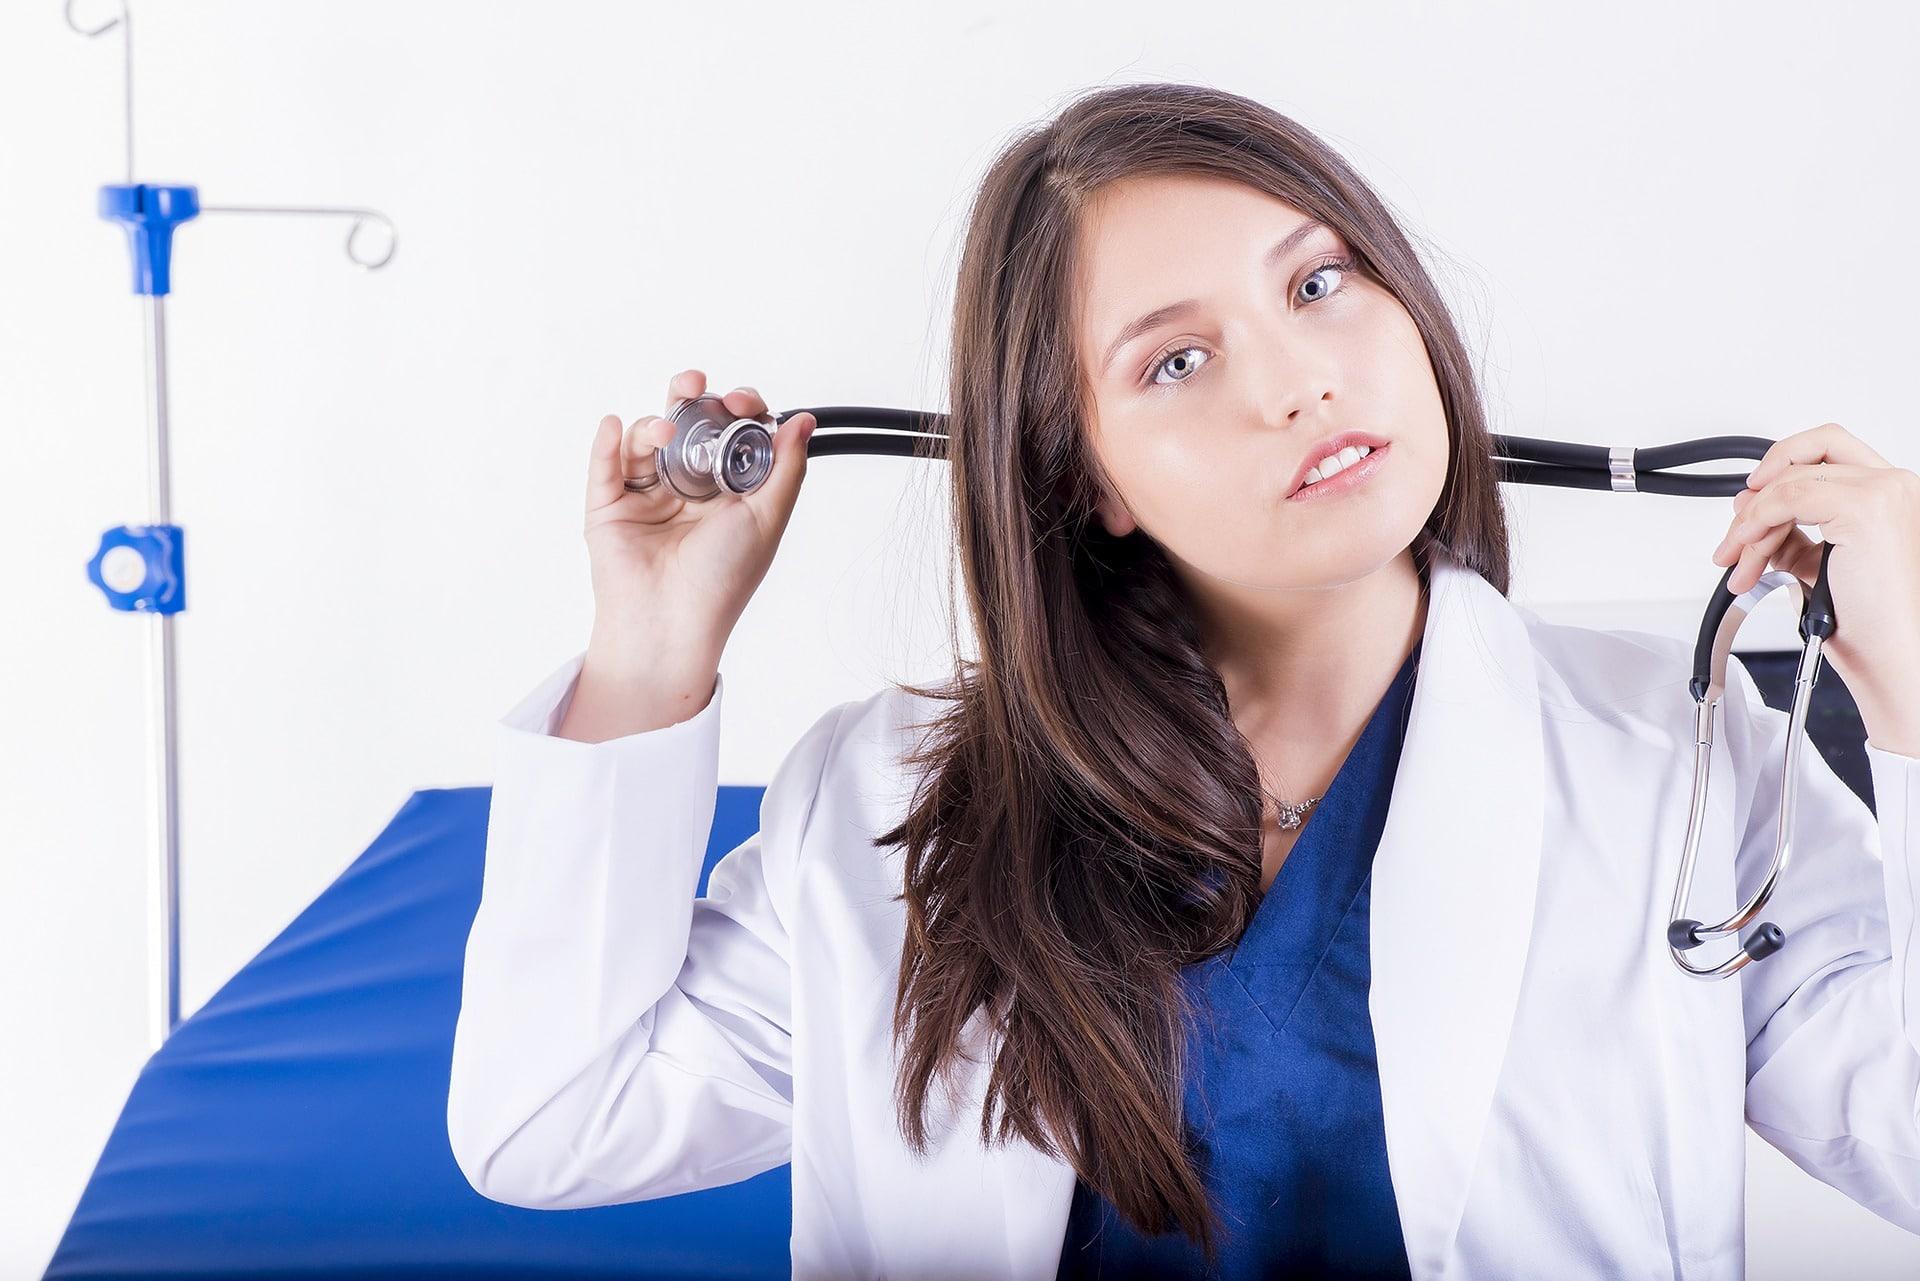 materiel infirmier